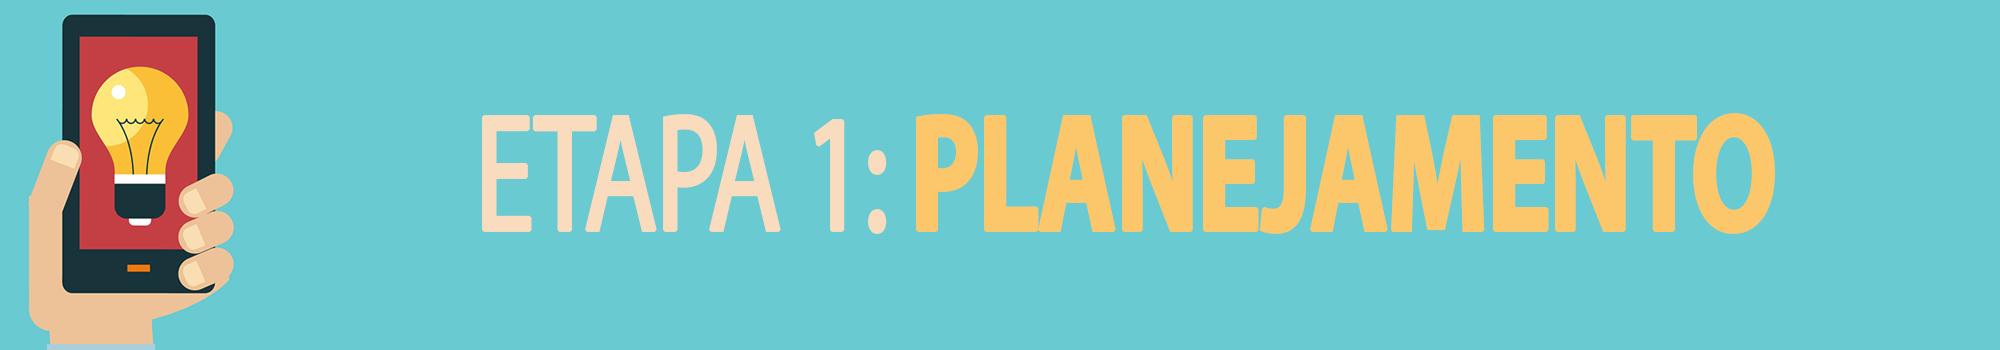 Como criar um aplicativo: a primeira etapa do desenvolvimento de seu aplicativo é a de planejamento.